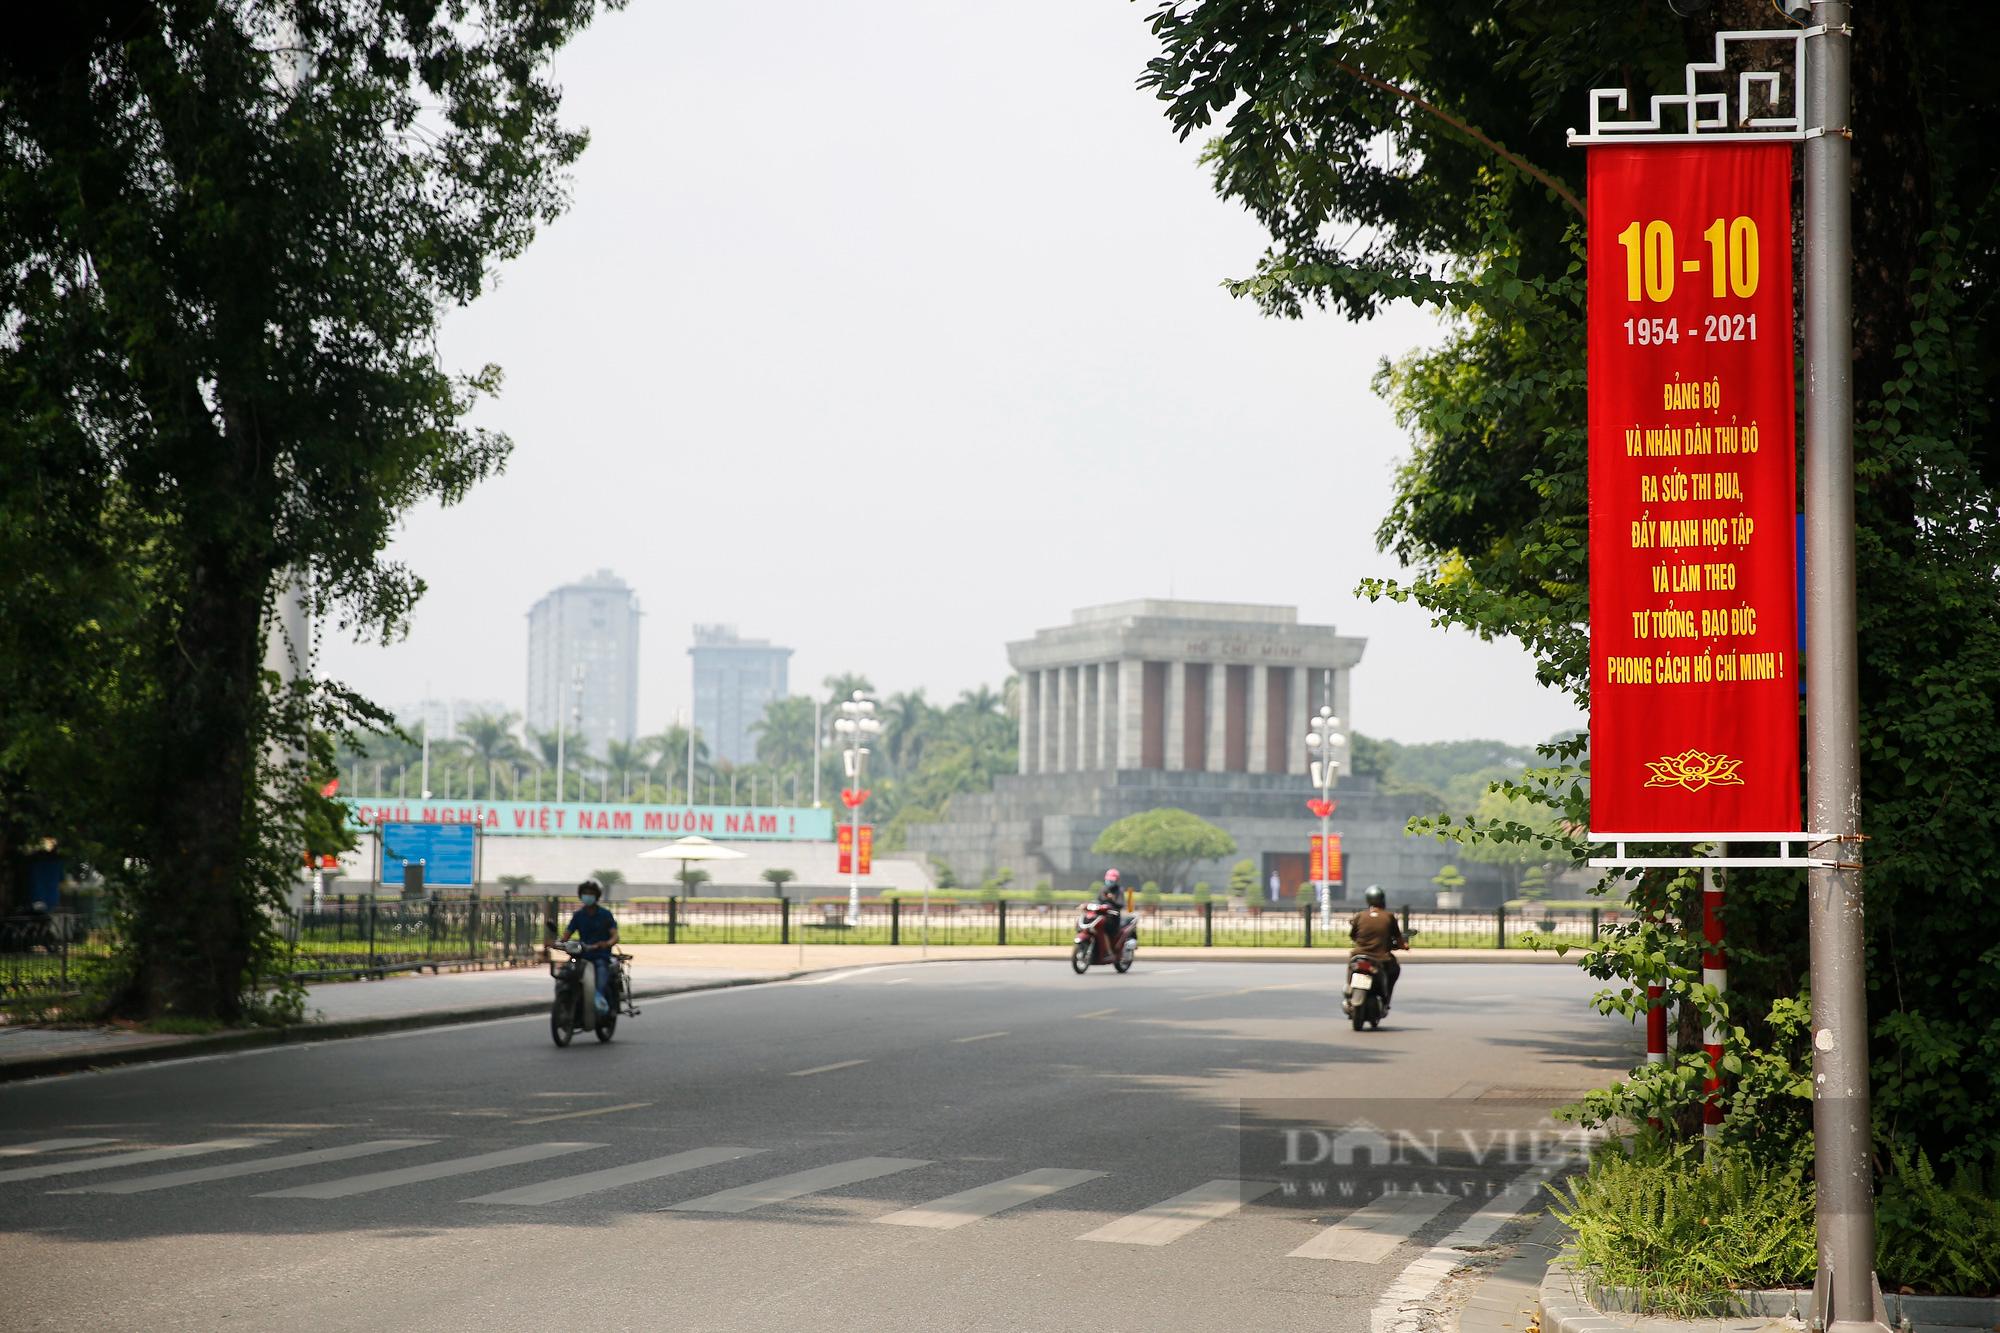 Đường phố Hà Nội rực rỡ chào mừng Ngày Giải phóng Thủ đô  - Ảnh 5.